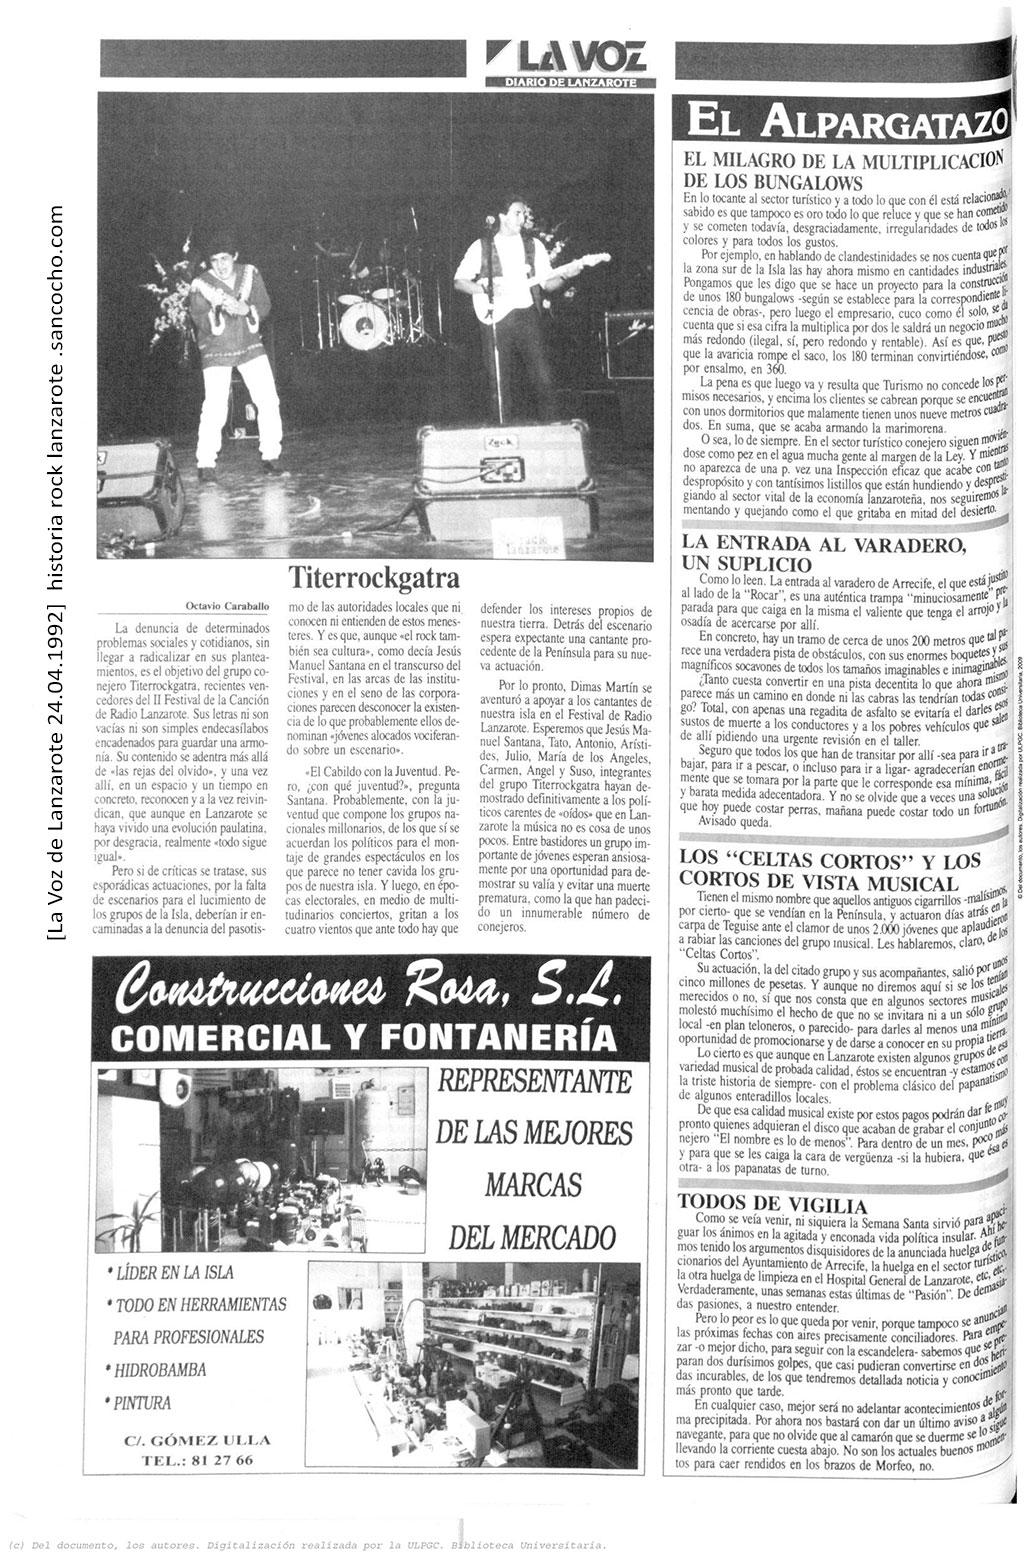 La-Voz-de-Lanzarote-24041992-Titerrockgatra